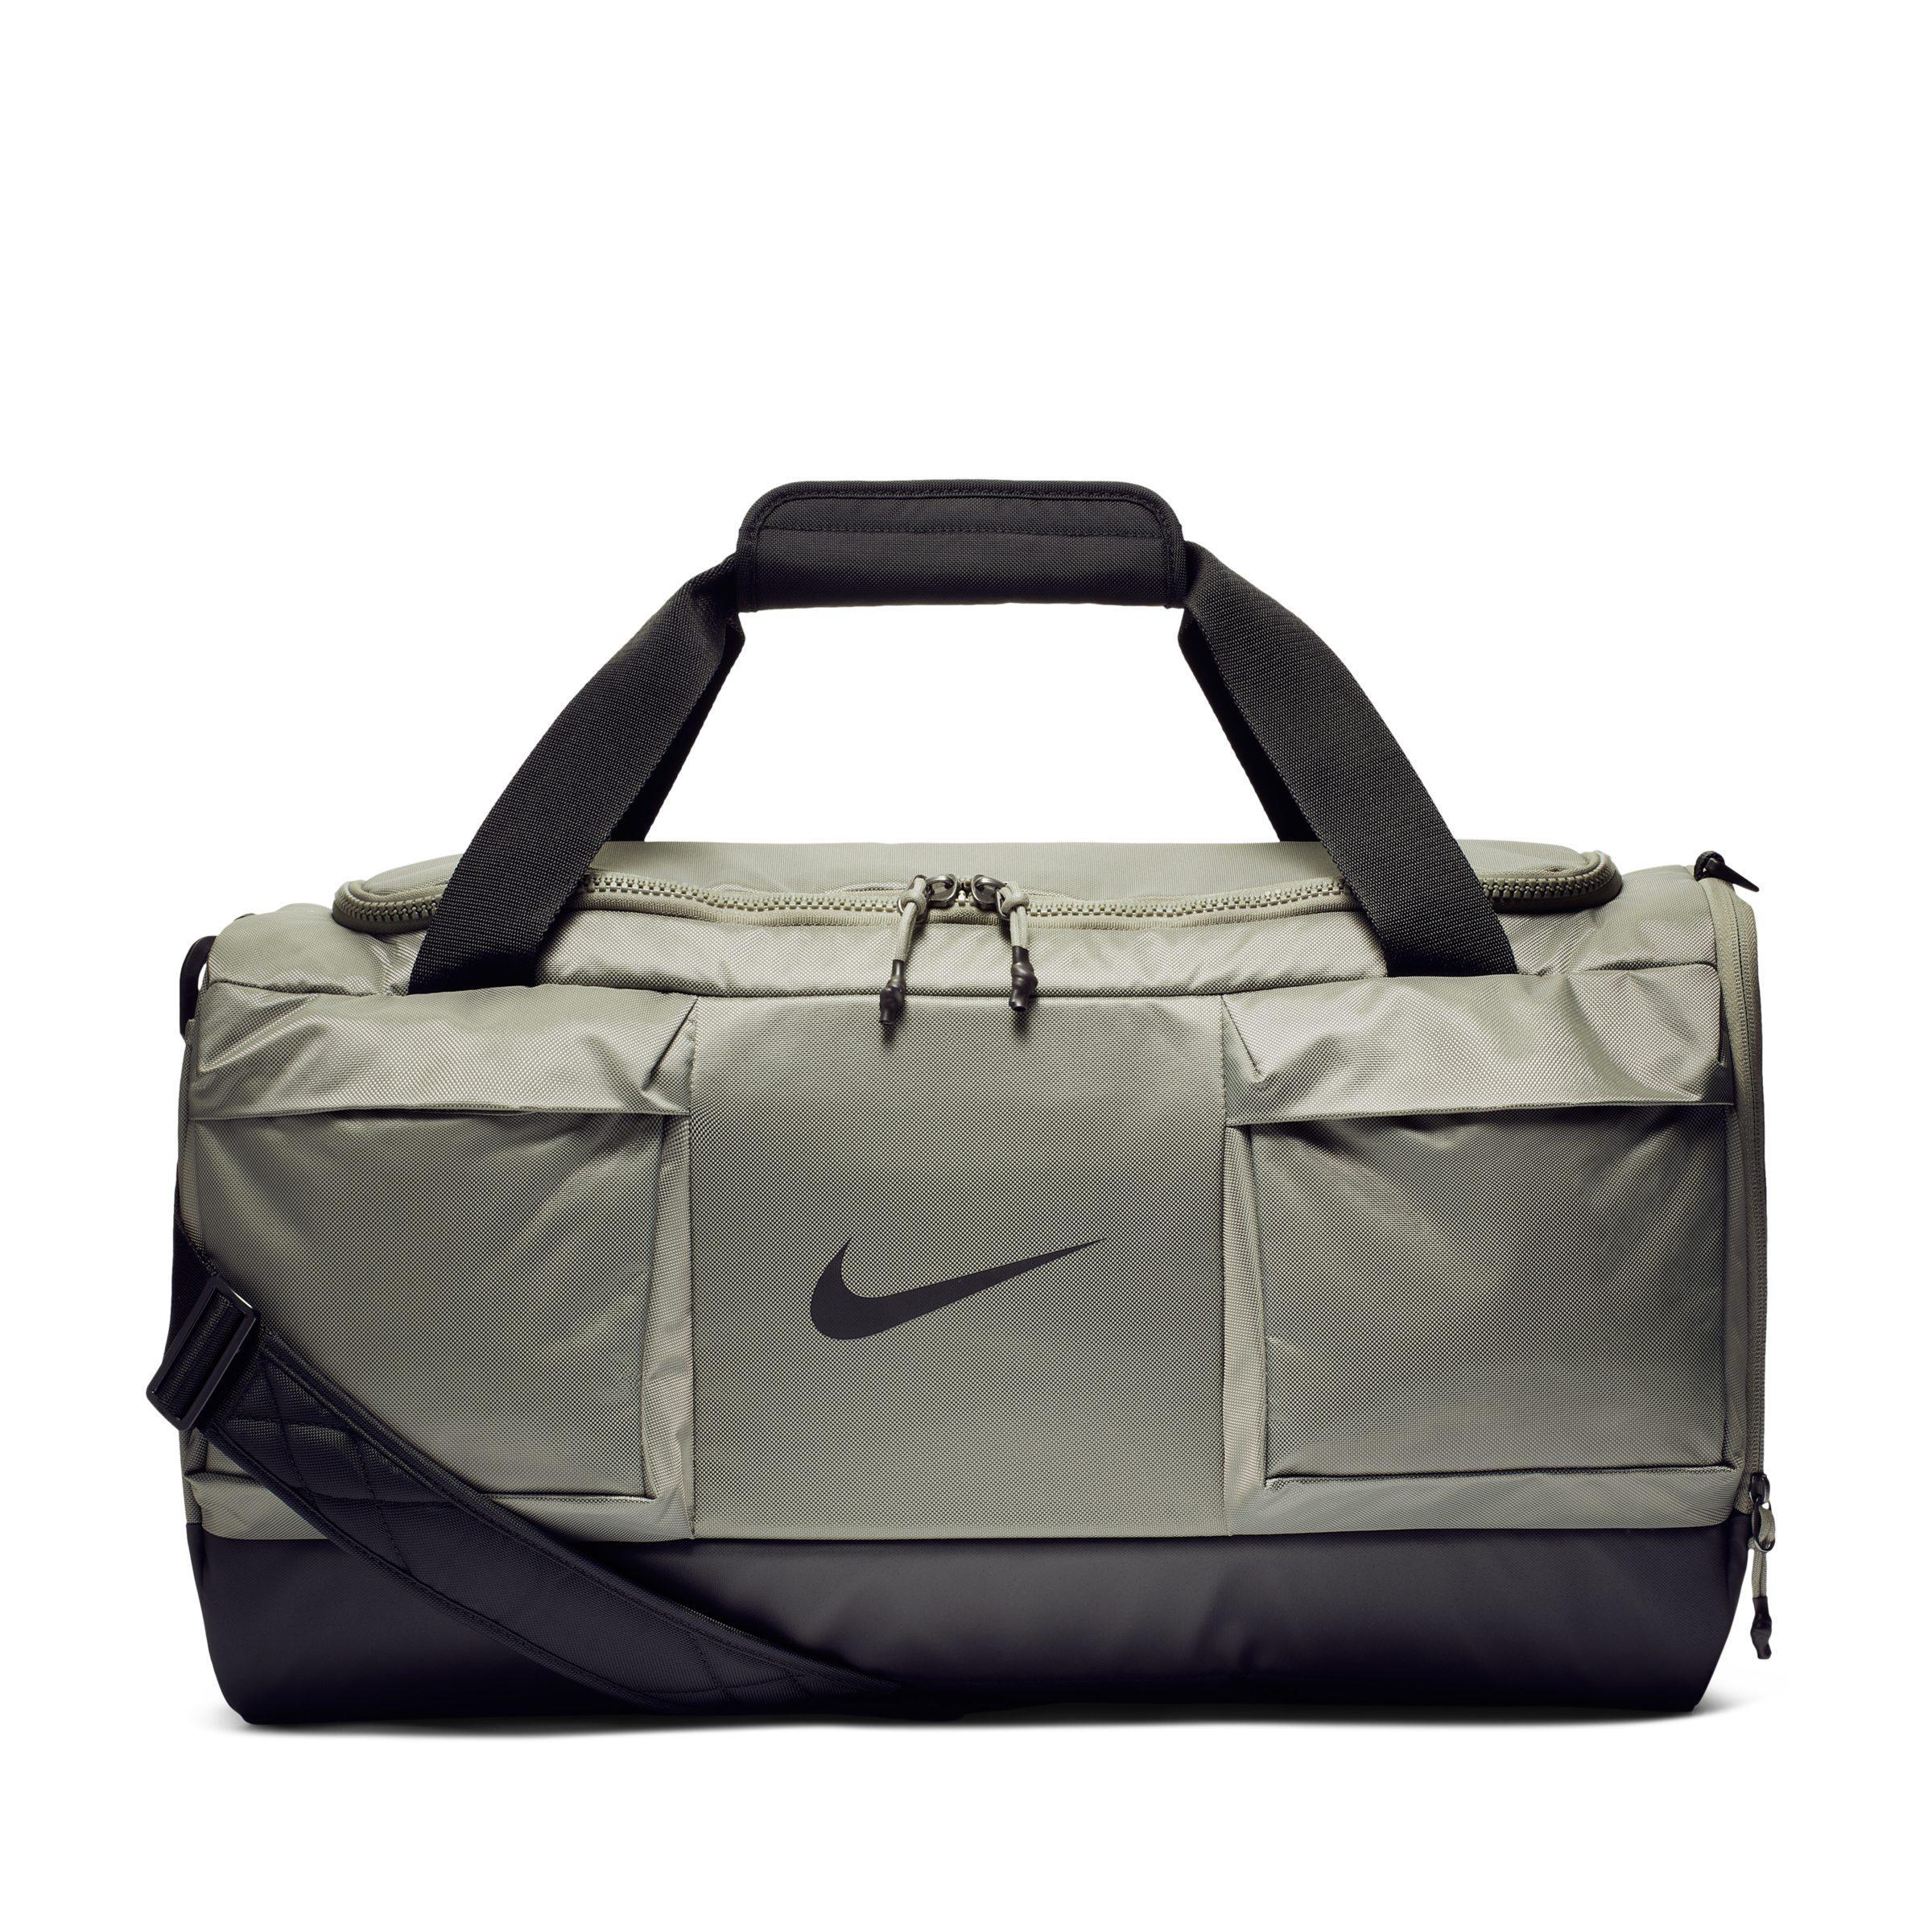 7c07d3bf2e7 Nike Vapor Power Training Duffel Bag (medium) in Gray for Men - Lyst